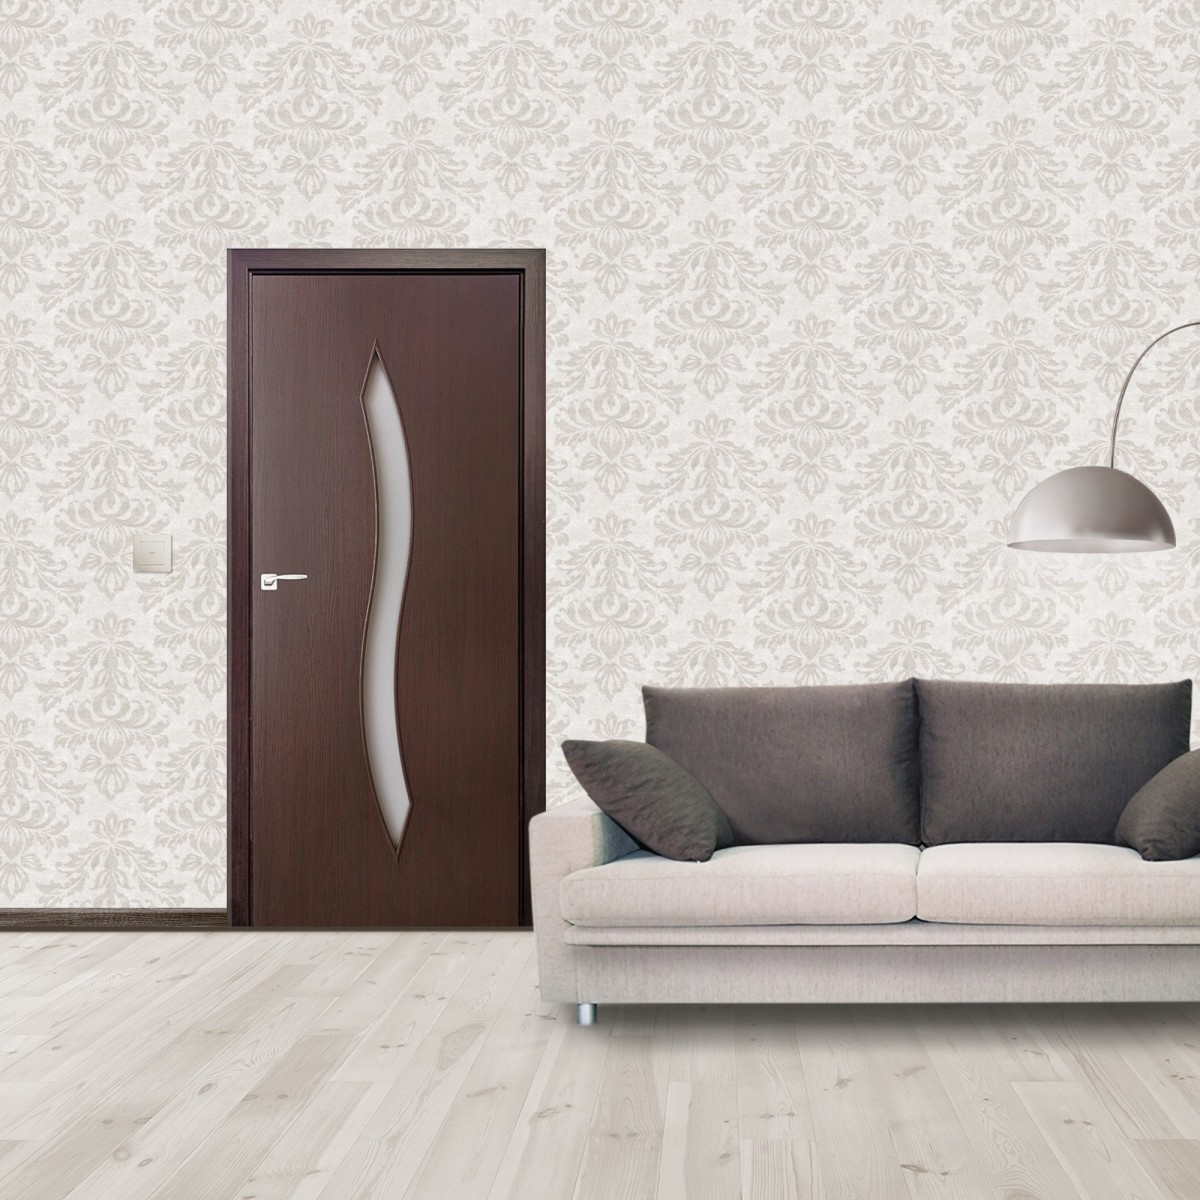 Дверь Межкомнатная Остеклённая Aura 80x200 Ламинация Цвет Венге 3d